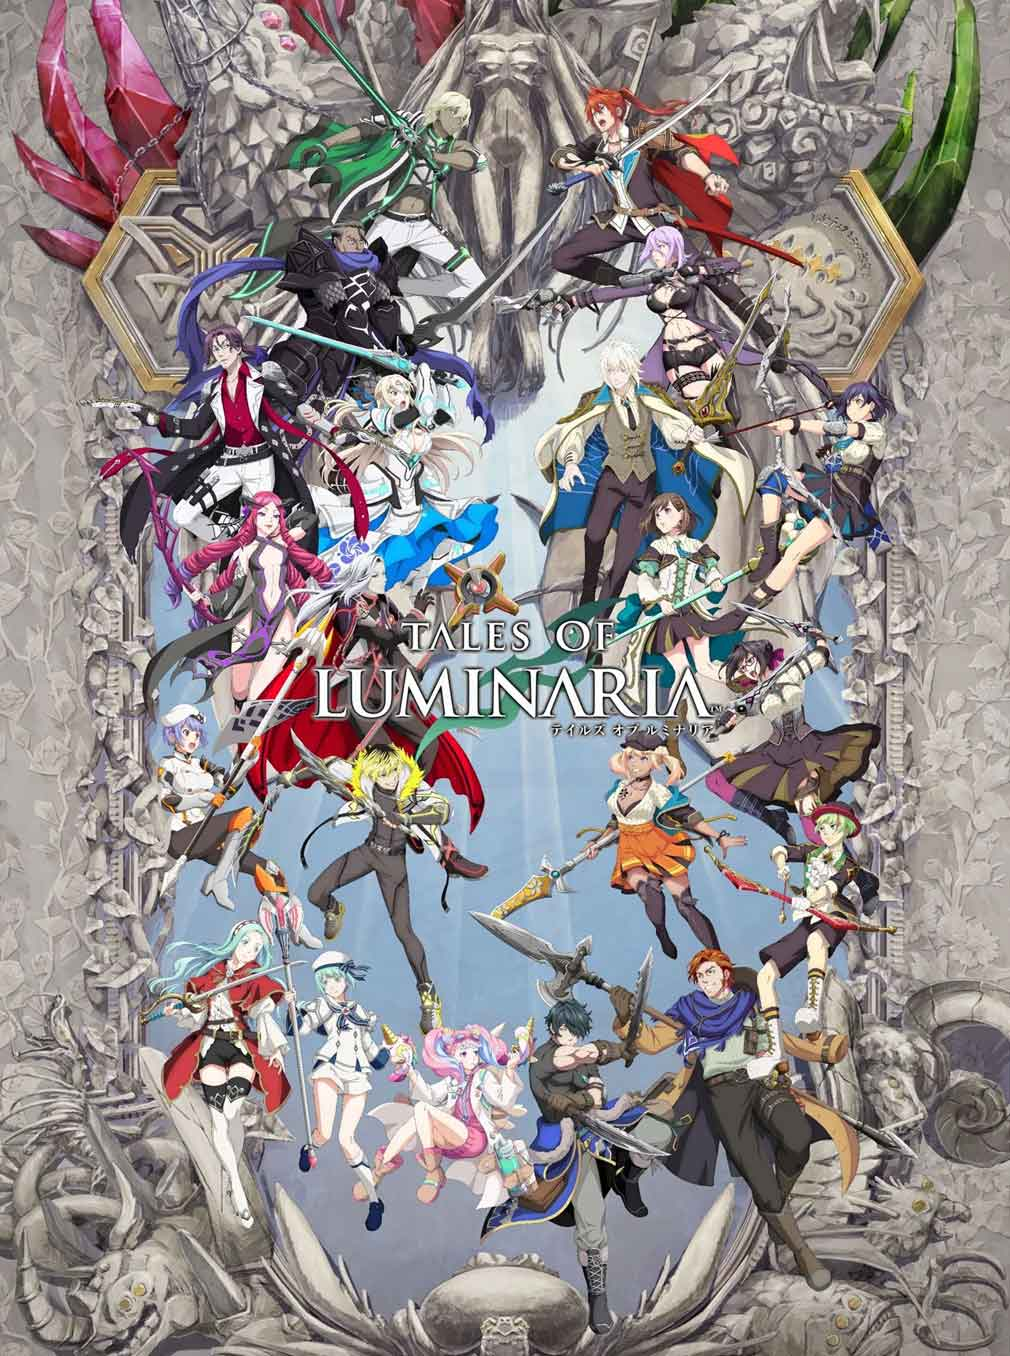 テイルズ オブ ルミナリア(Tales of Luminaria) キービジュアル